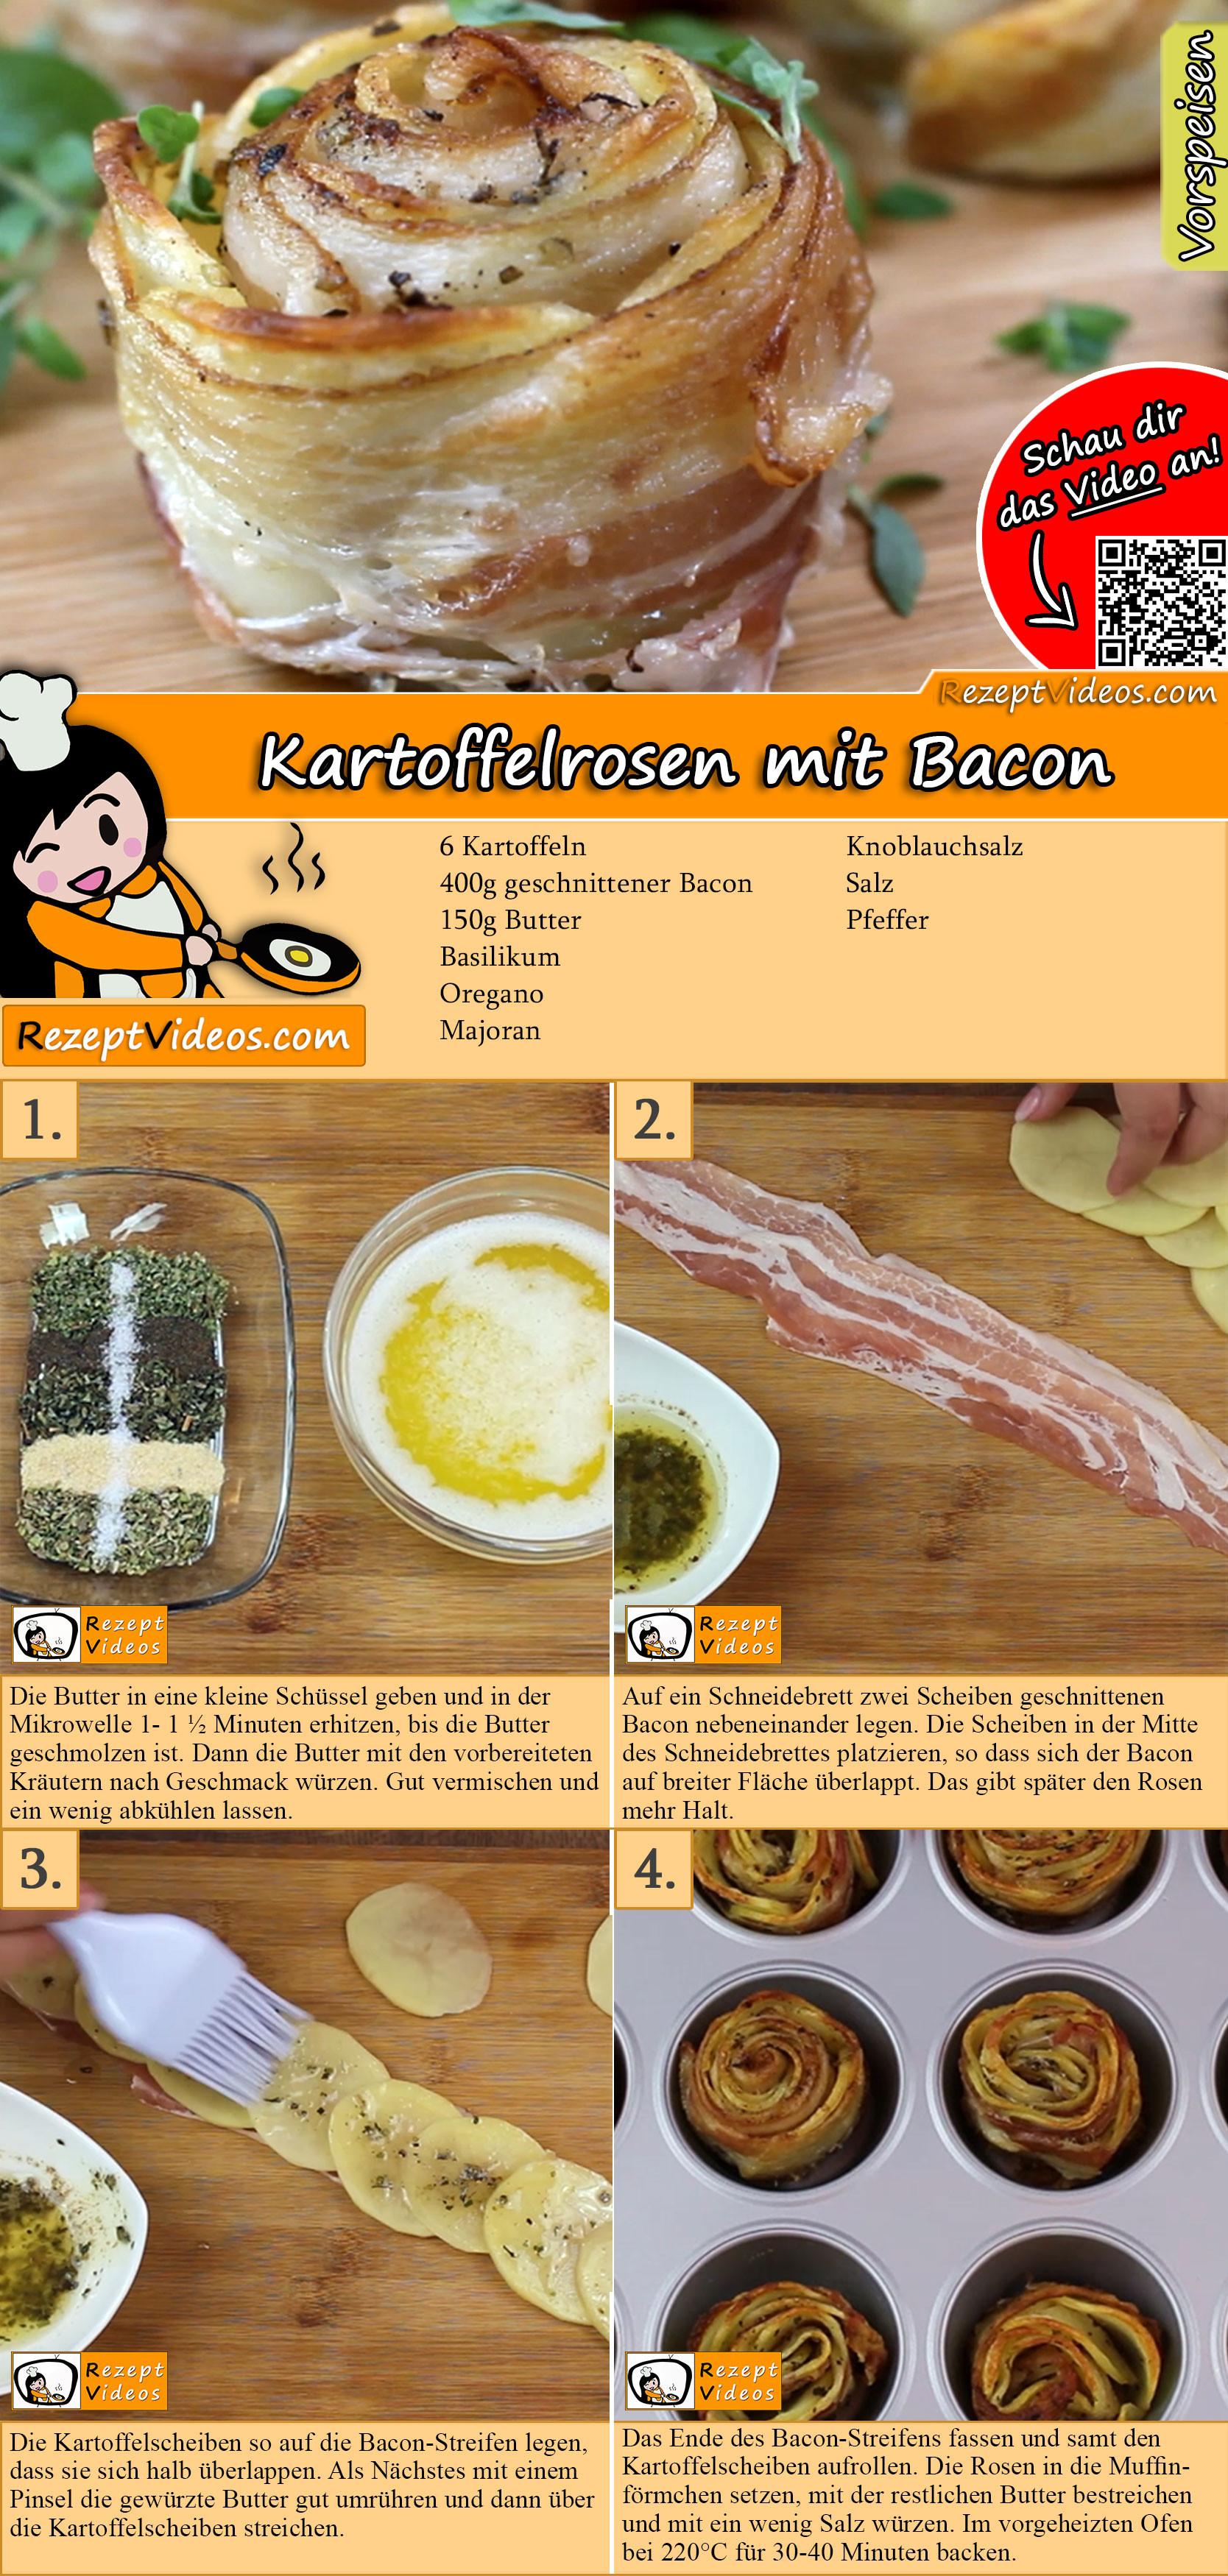 Kartoffelrosen mit Bacon Rezept mit Video